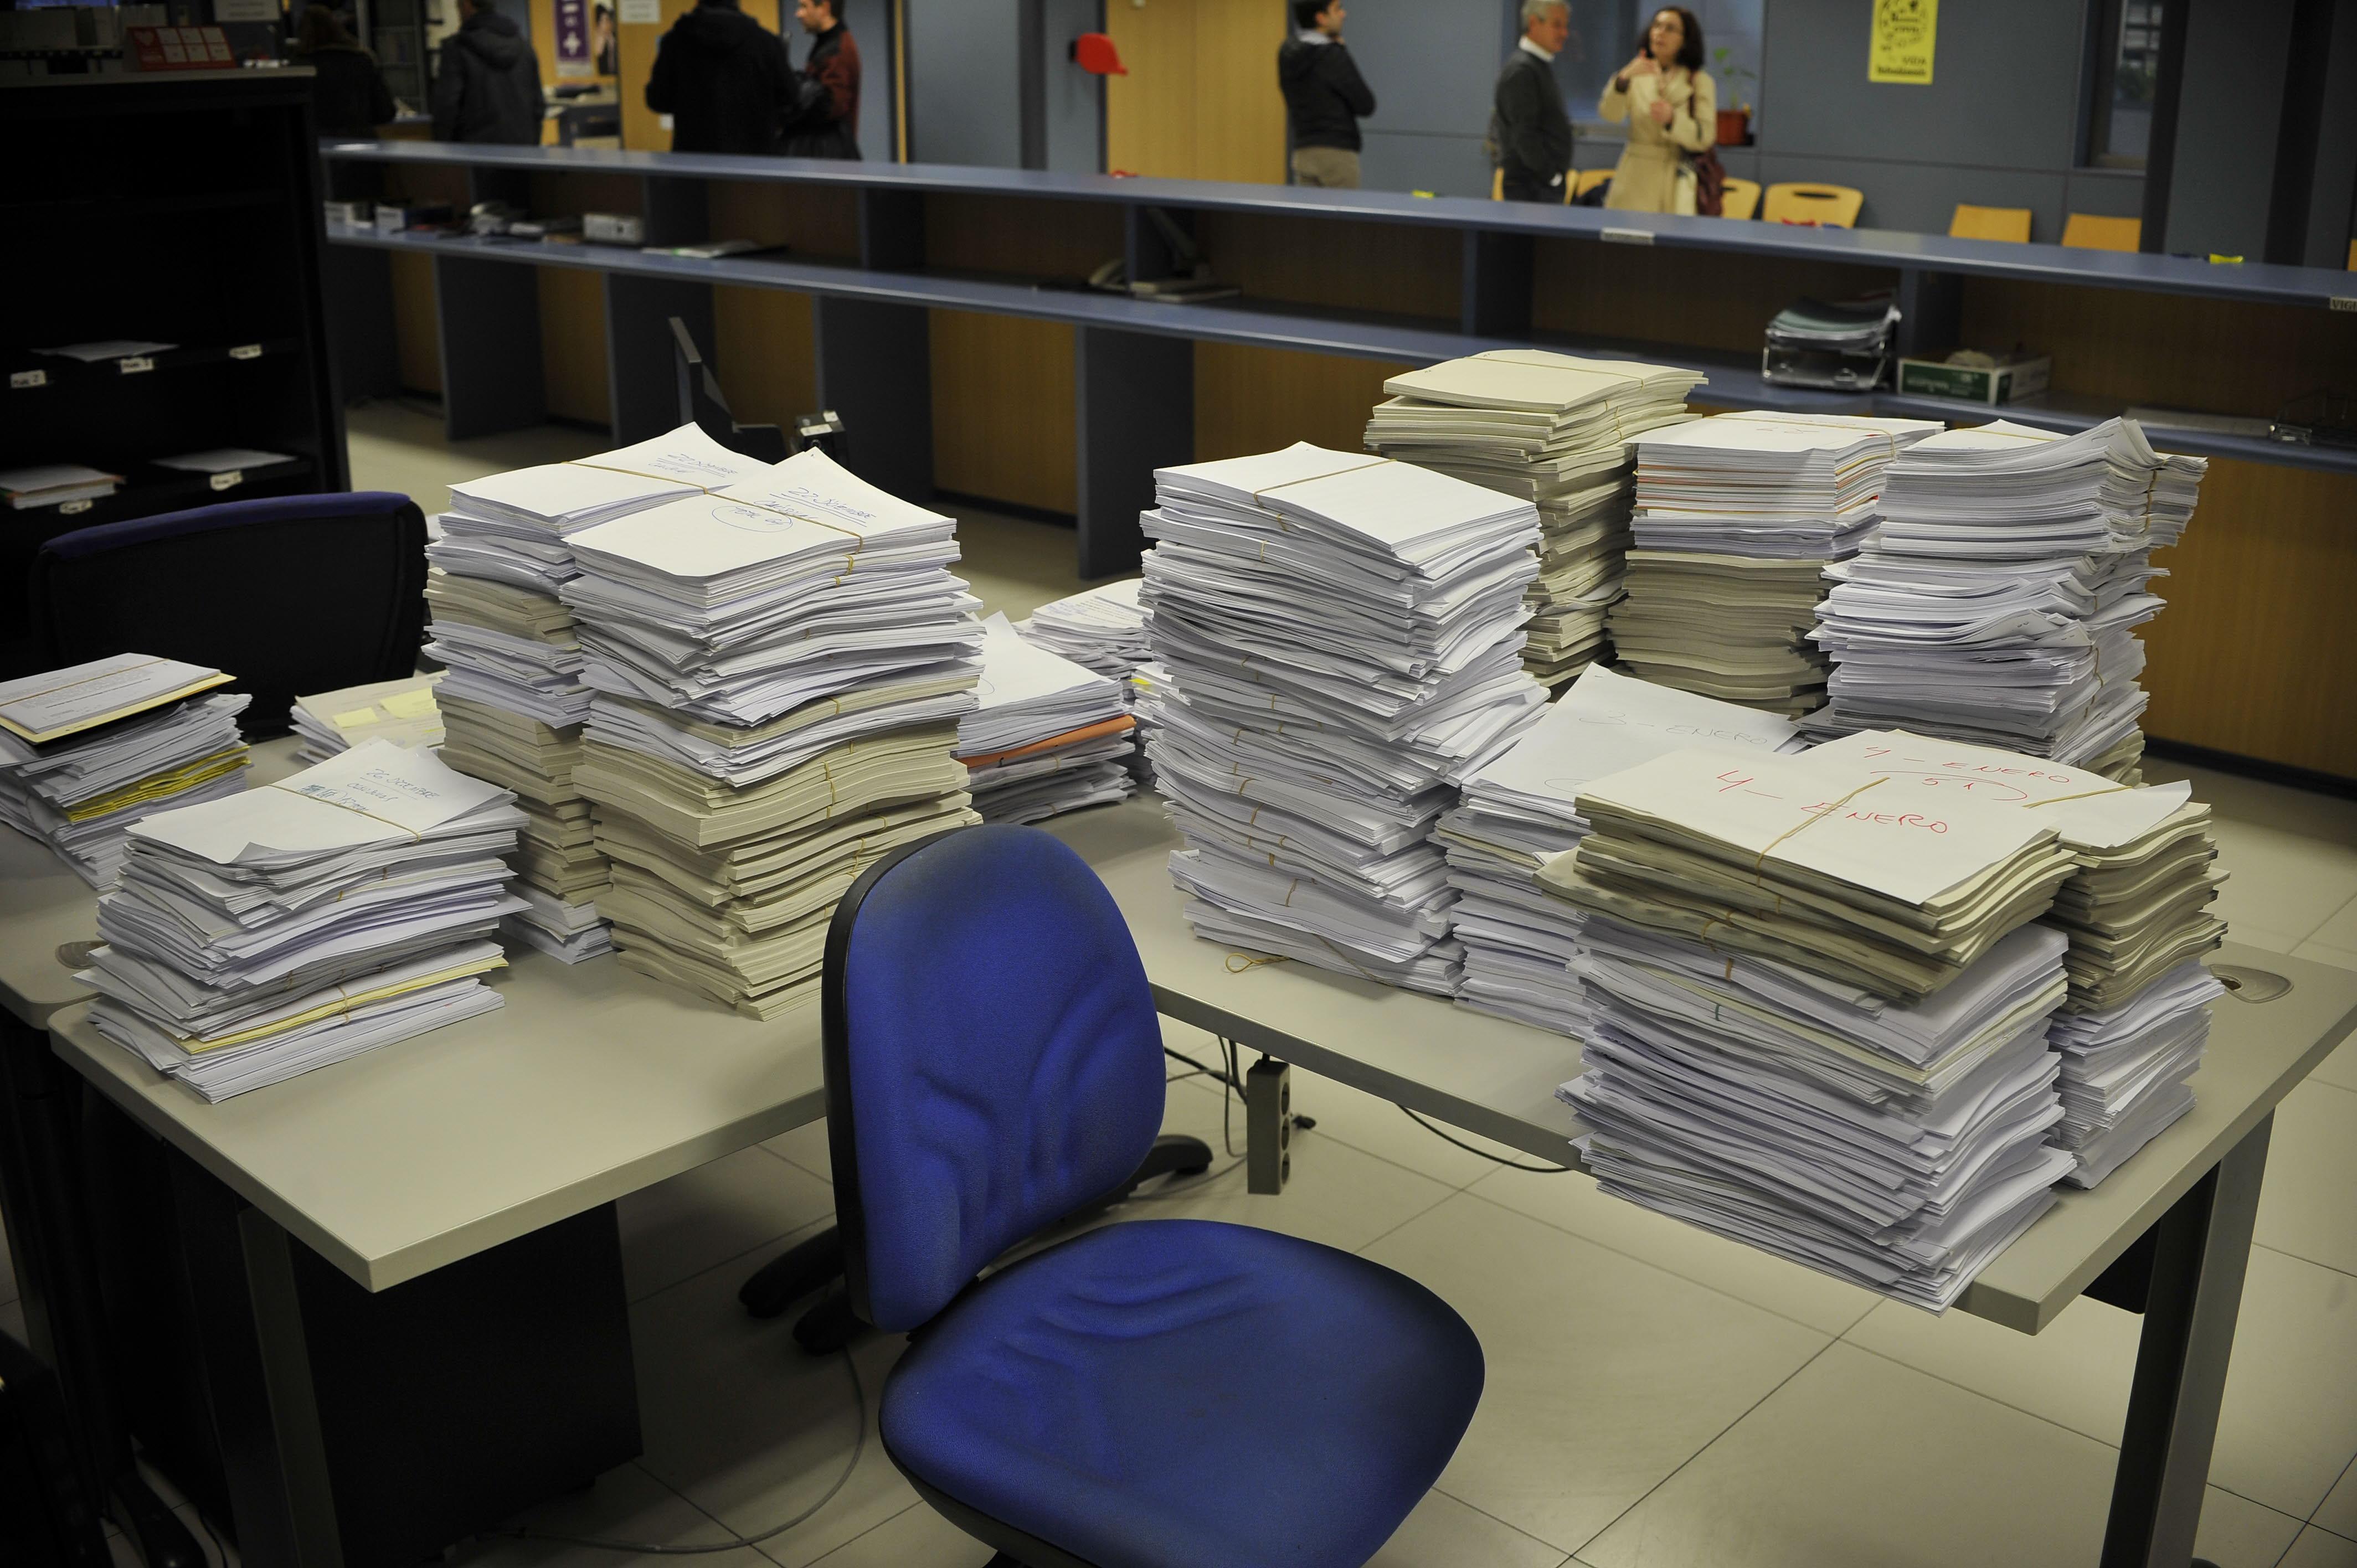 Los juzgados vascos todavía tienen pendientes más de 11.600 demandas por cláusulas abusivas